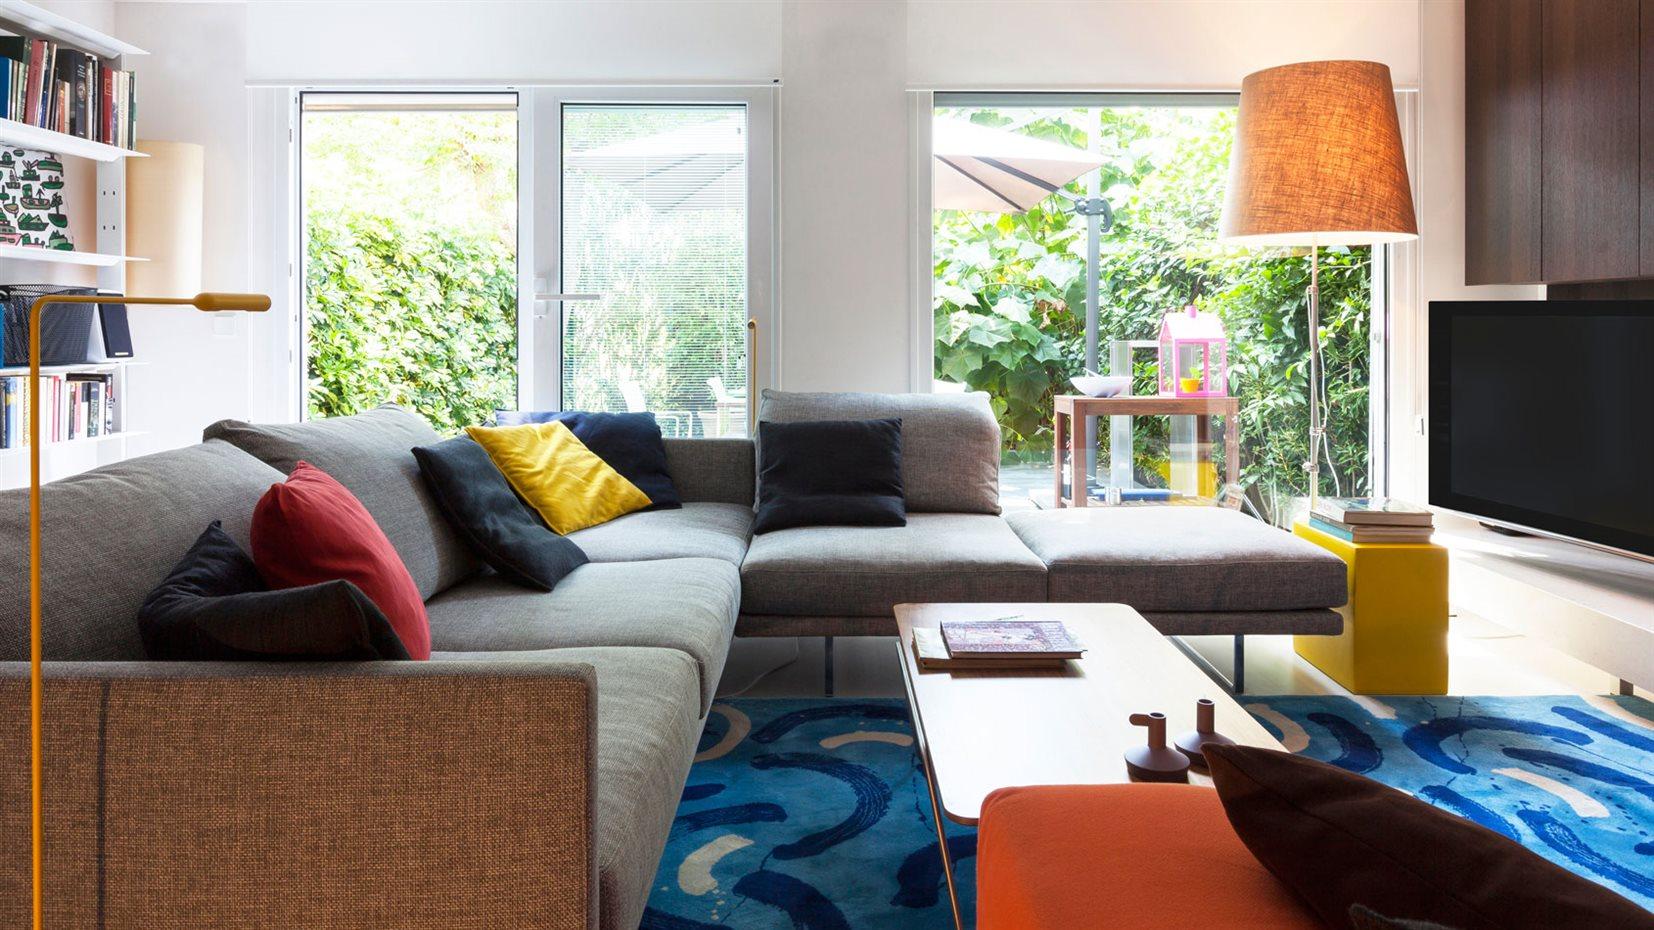 marbella40. La alfombra de inspiración marina, los cojines y los pequeños detalles iluminan la estancia de vitalidad y color. El sofá gris en ángulo preside la estancia y sirve de elemento integrador